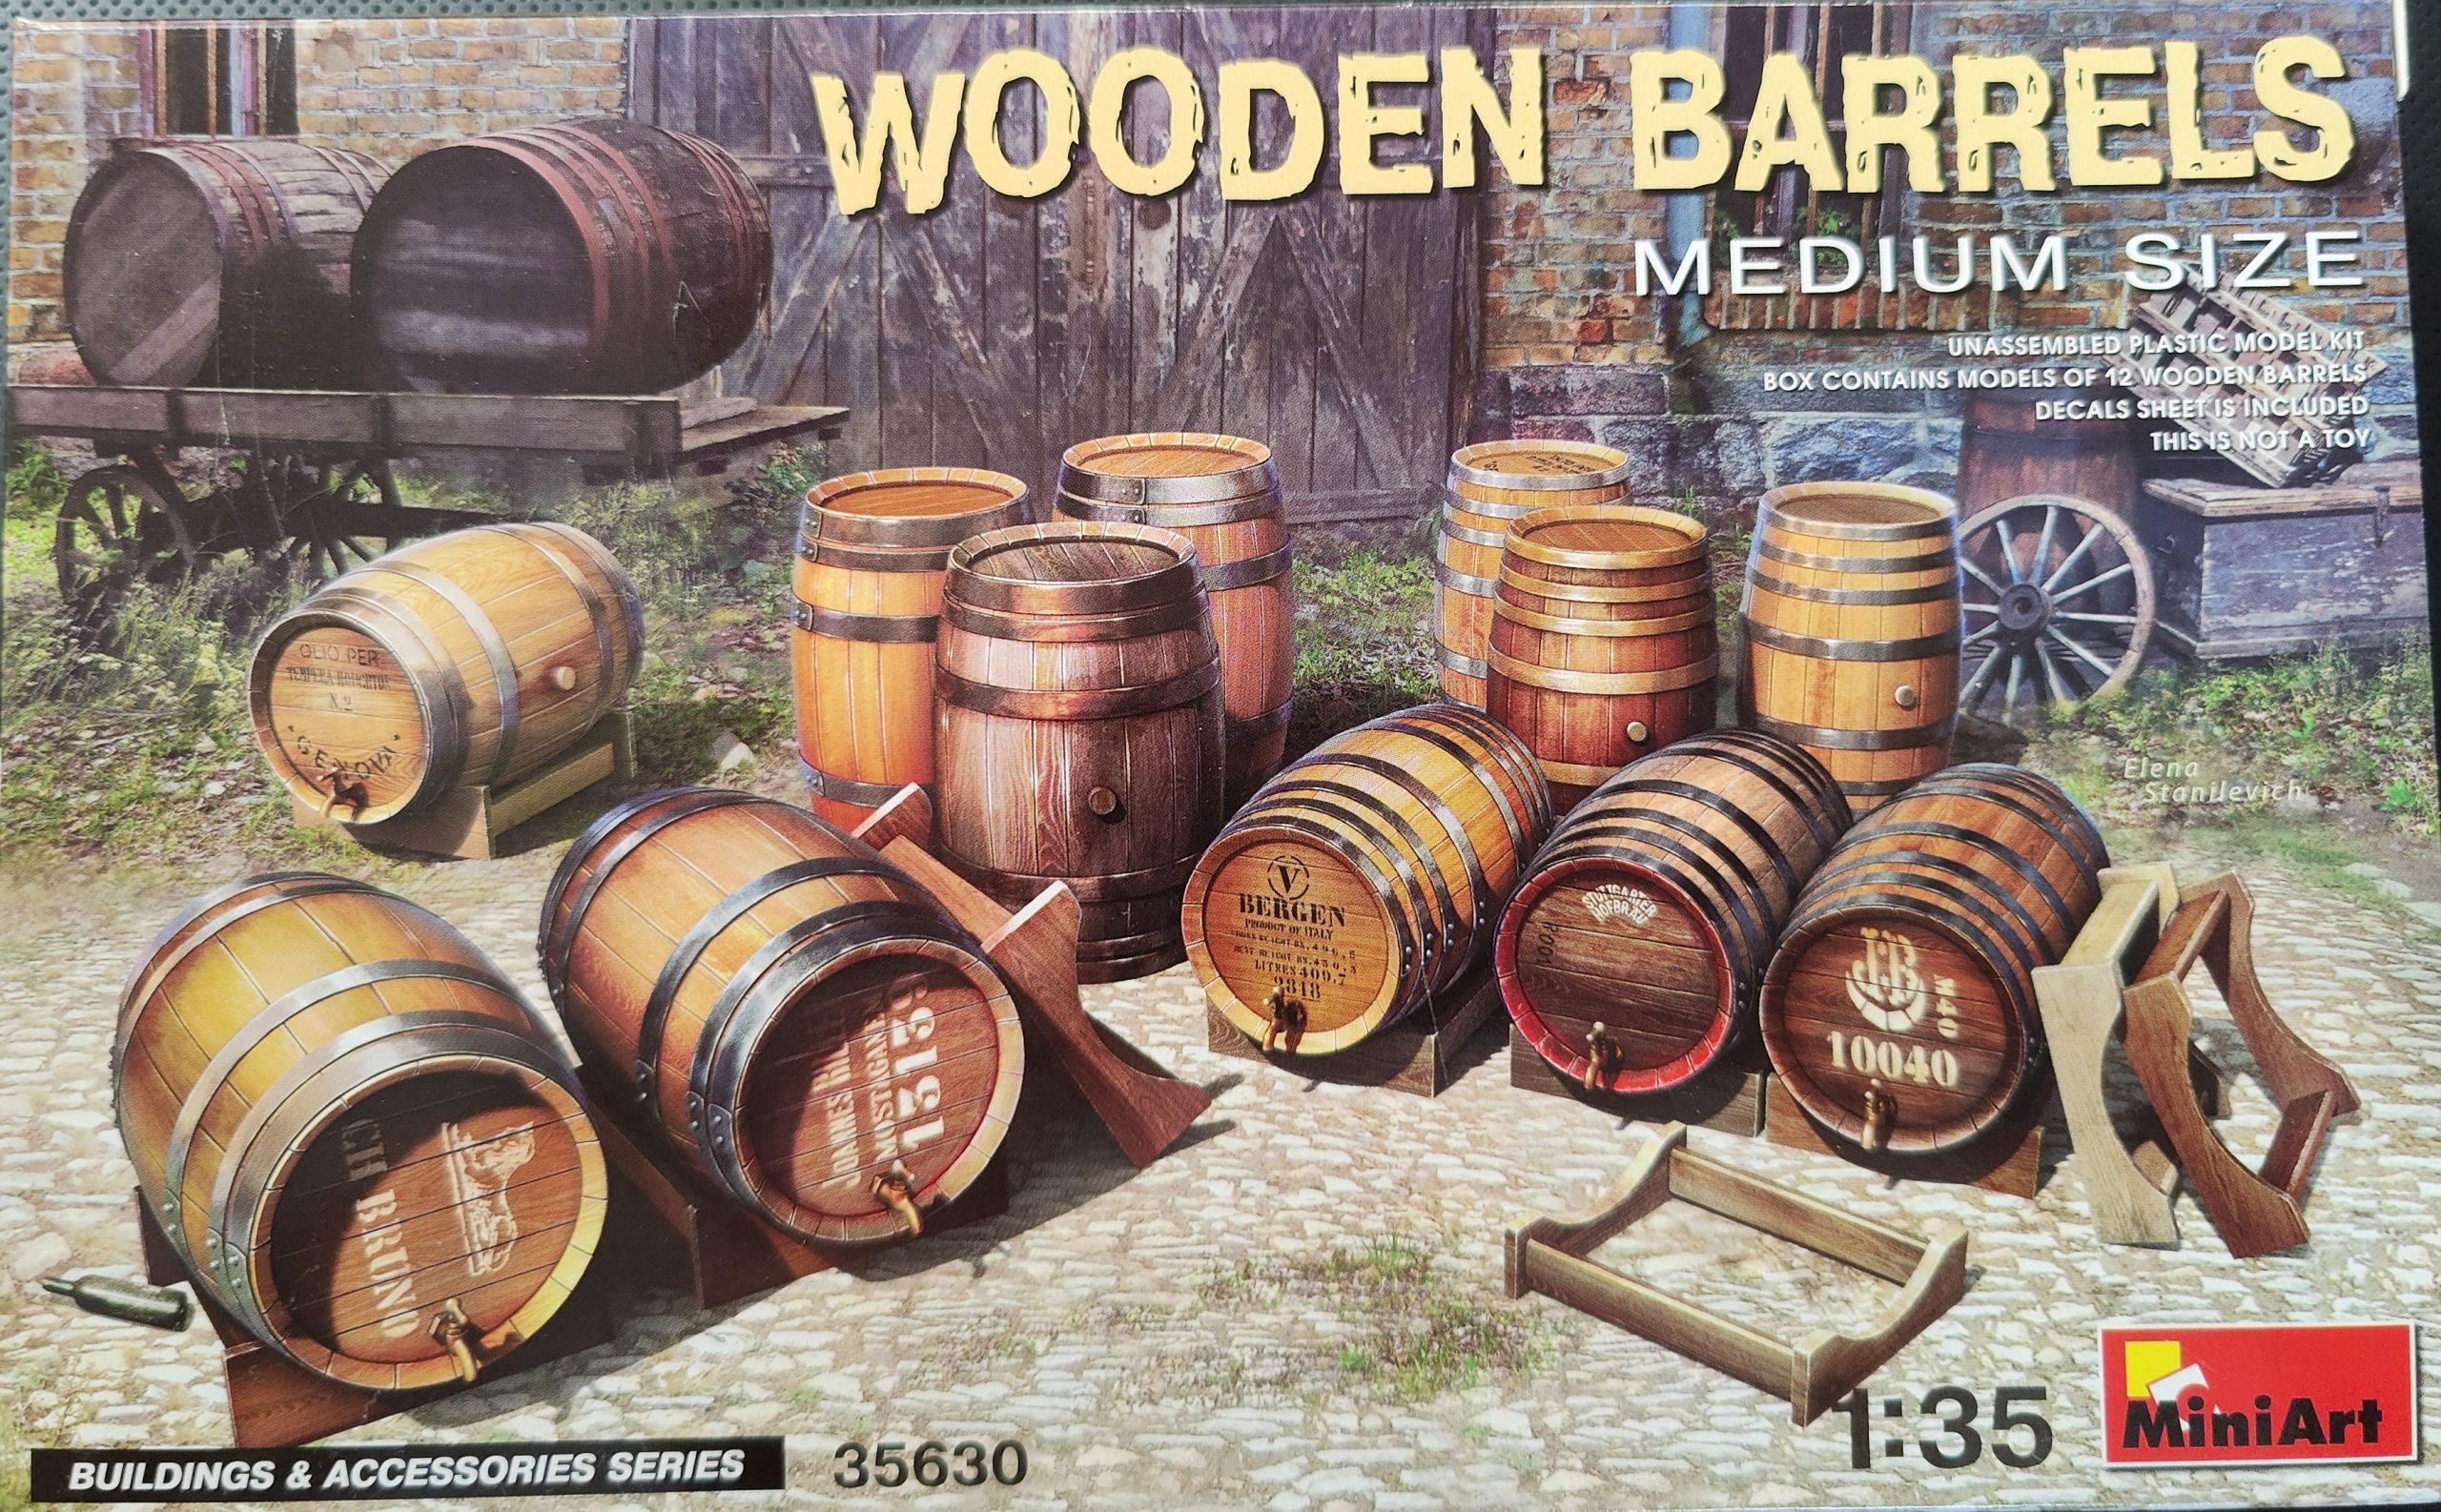 ICM_fass2001-scaled Holzfässer (Wooden Barrels) von Miniart in 1:35